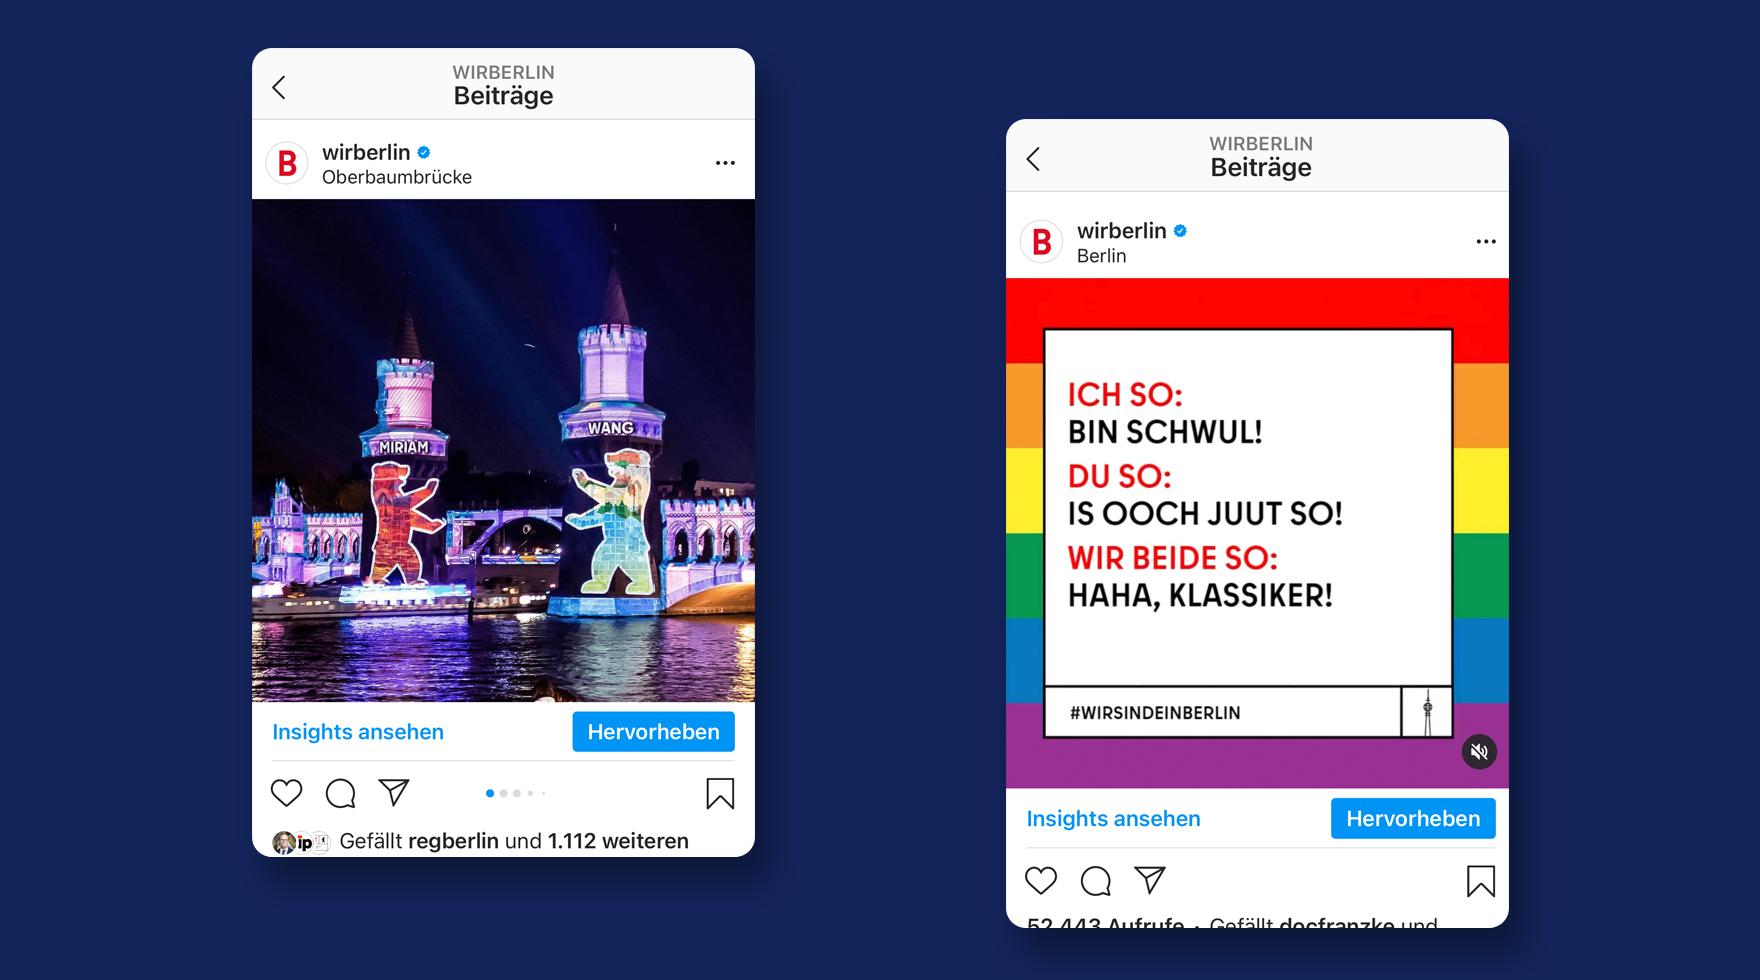 instagram-feed-social-media-agentur-berlin